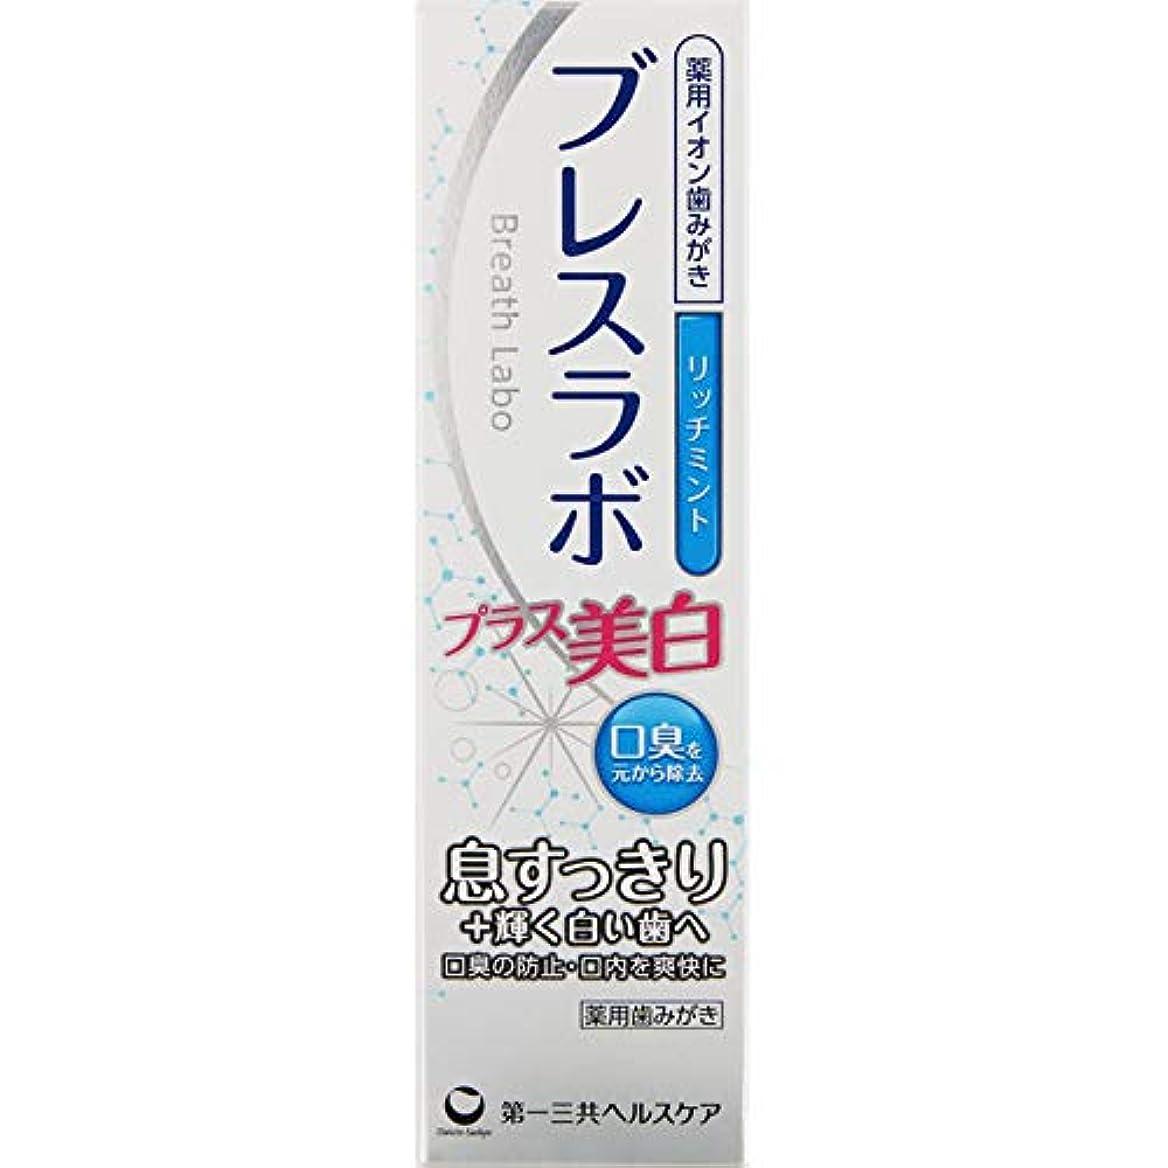 やむを得ない恐怖ピンク【4個セット】ブレスラボ プラス美白 リッチミント 90g